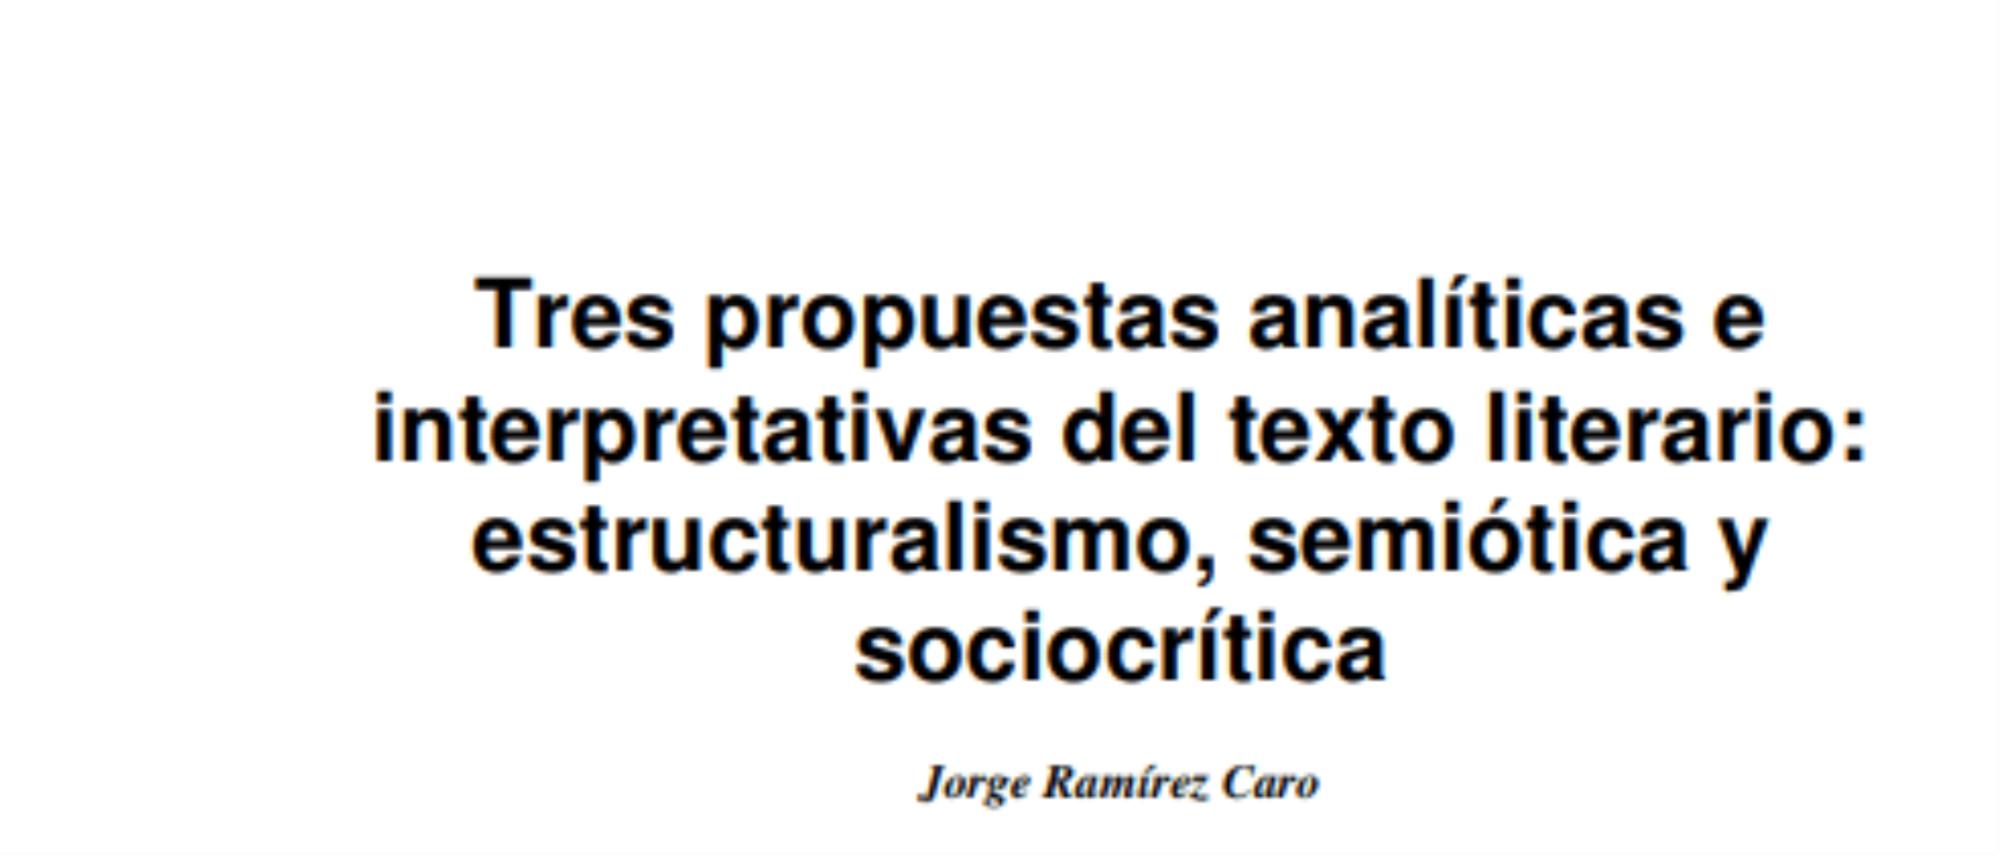 Tres propuestas analíticas e interpretativas del texto literario: estructuralismo, semiótica y sociocrítica